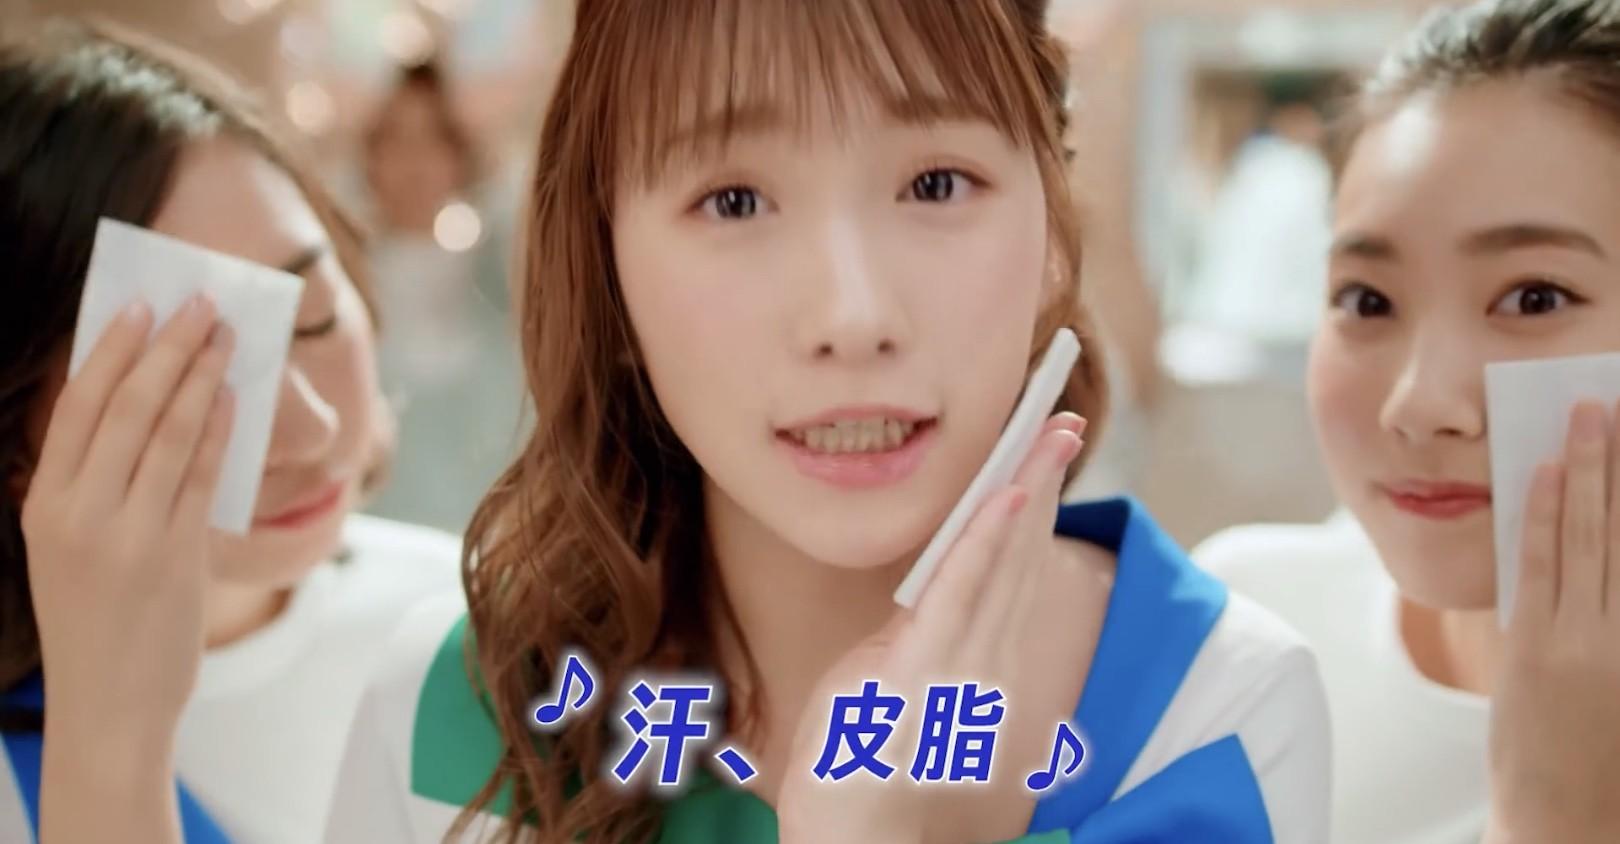 Cm アパマン 女優 ショップ